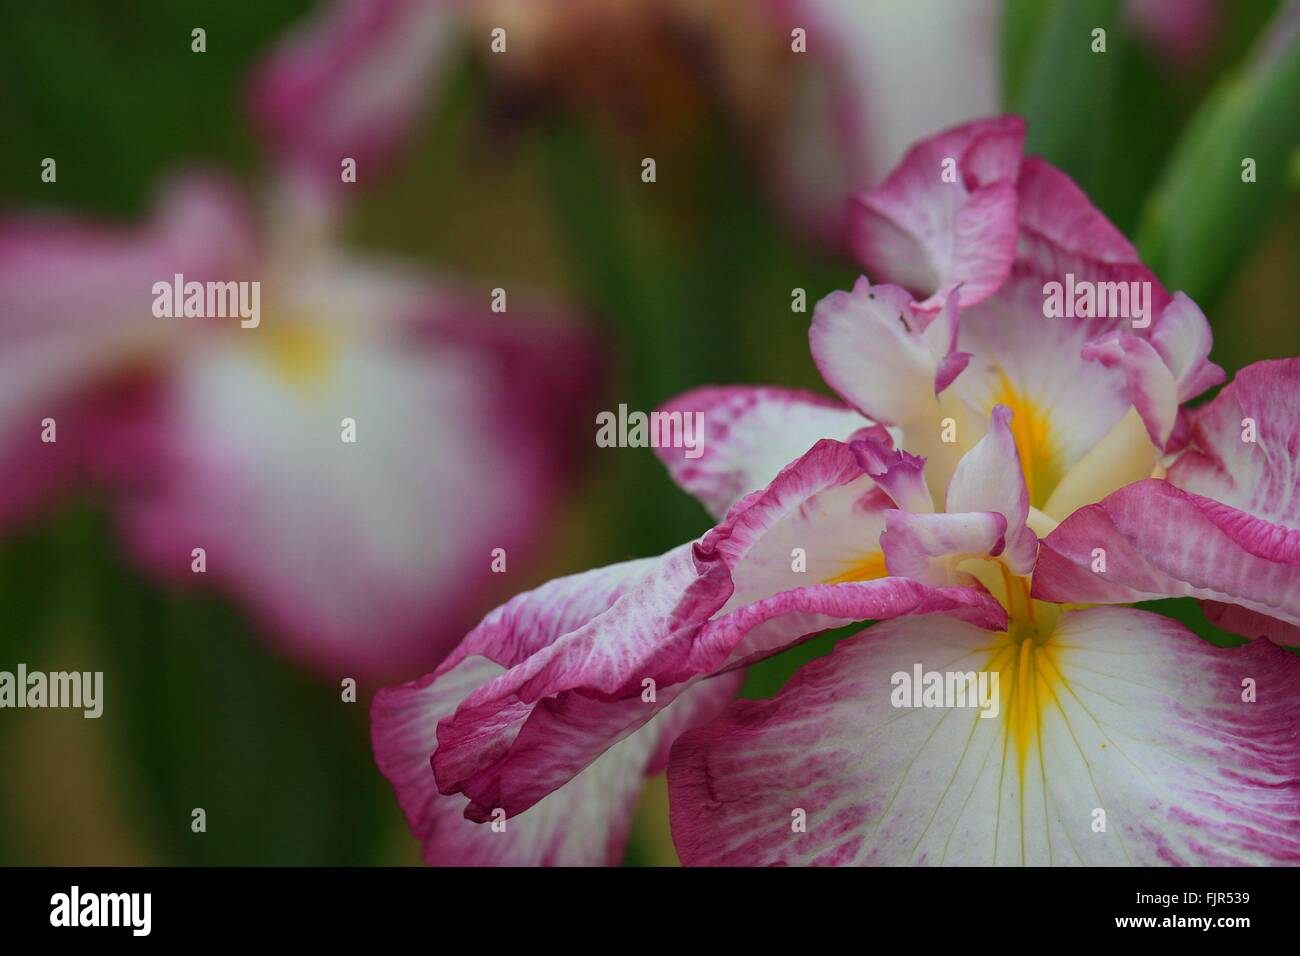 Close Up Pink Iris Flower Stock Photos Close Up Pink Iris Flower